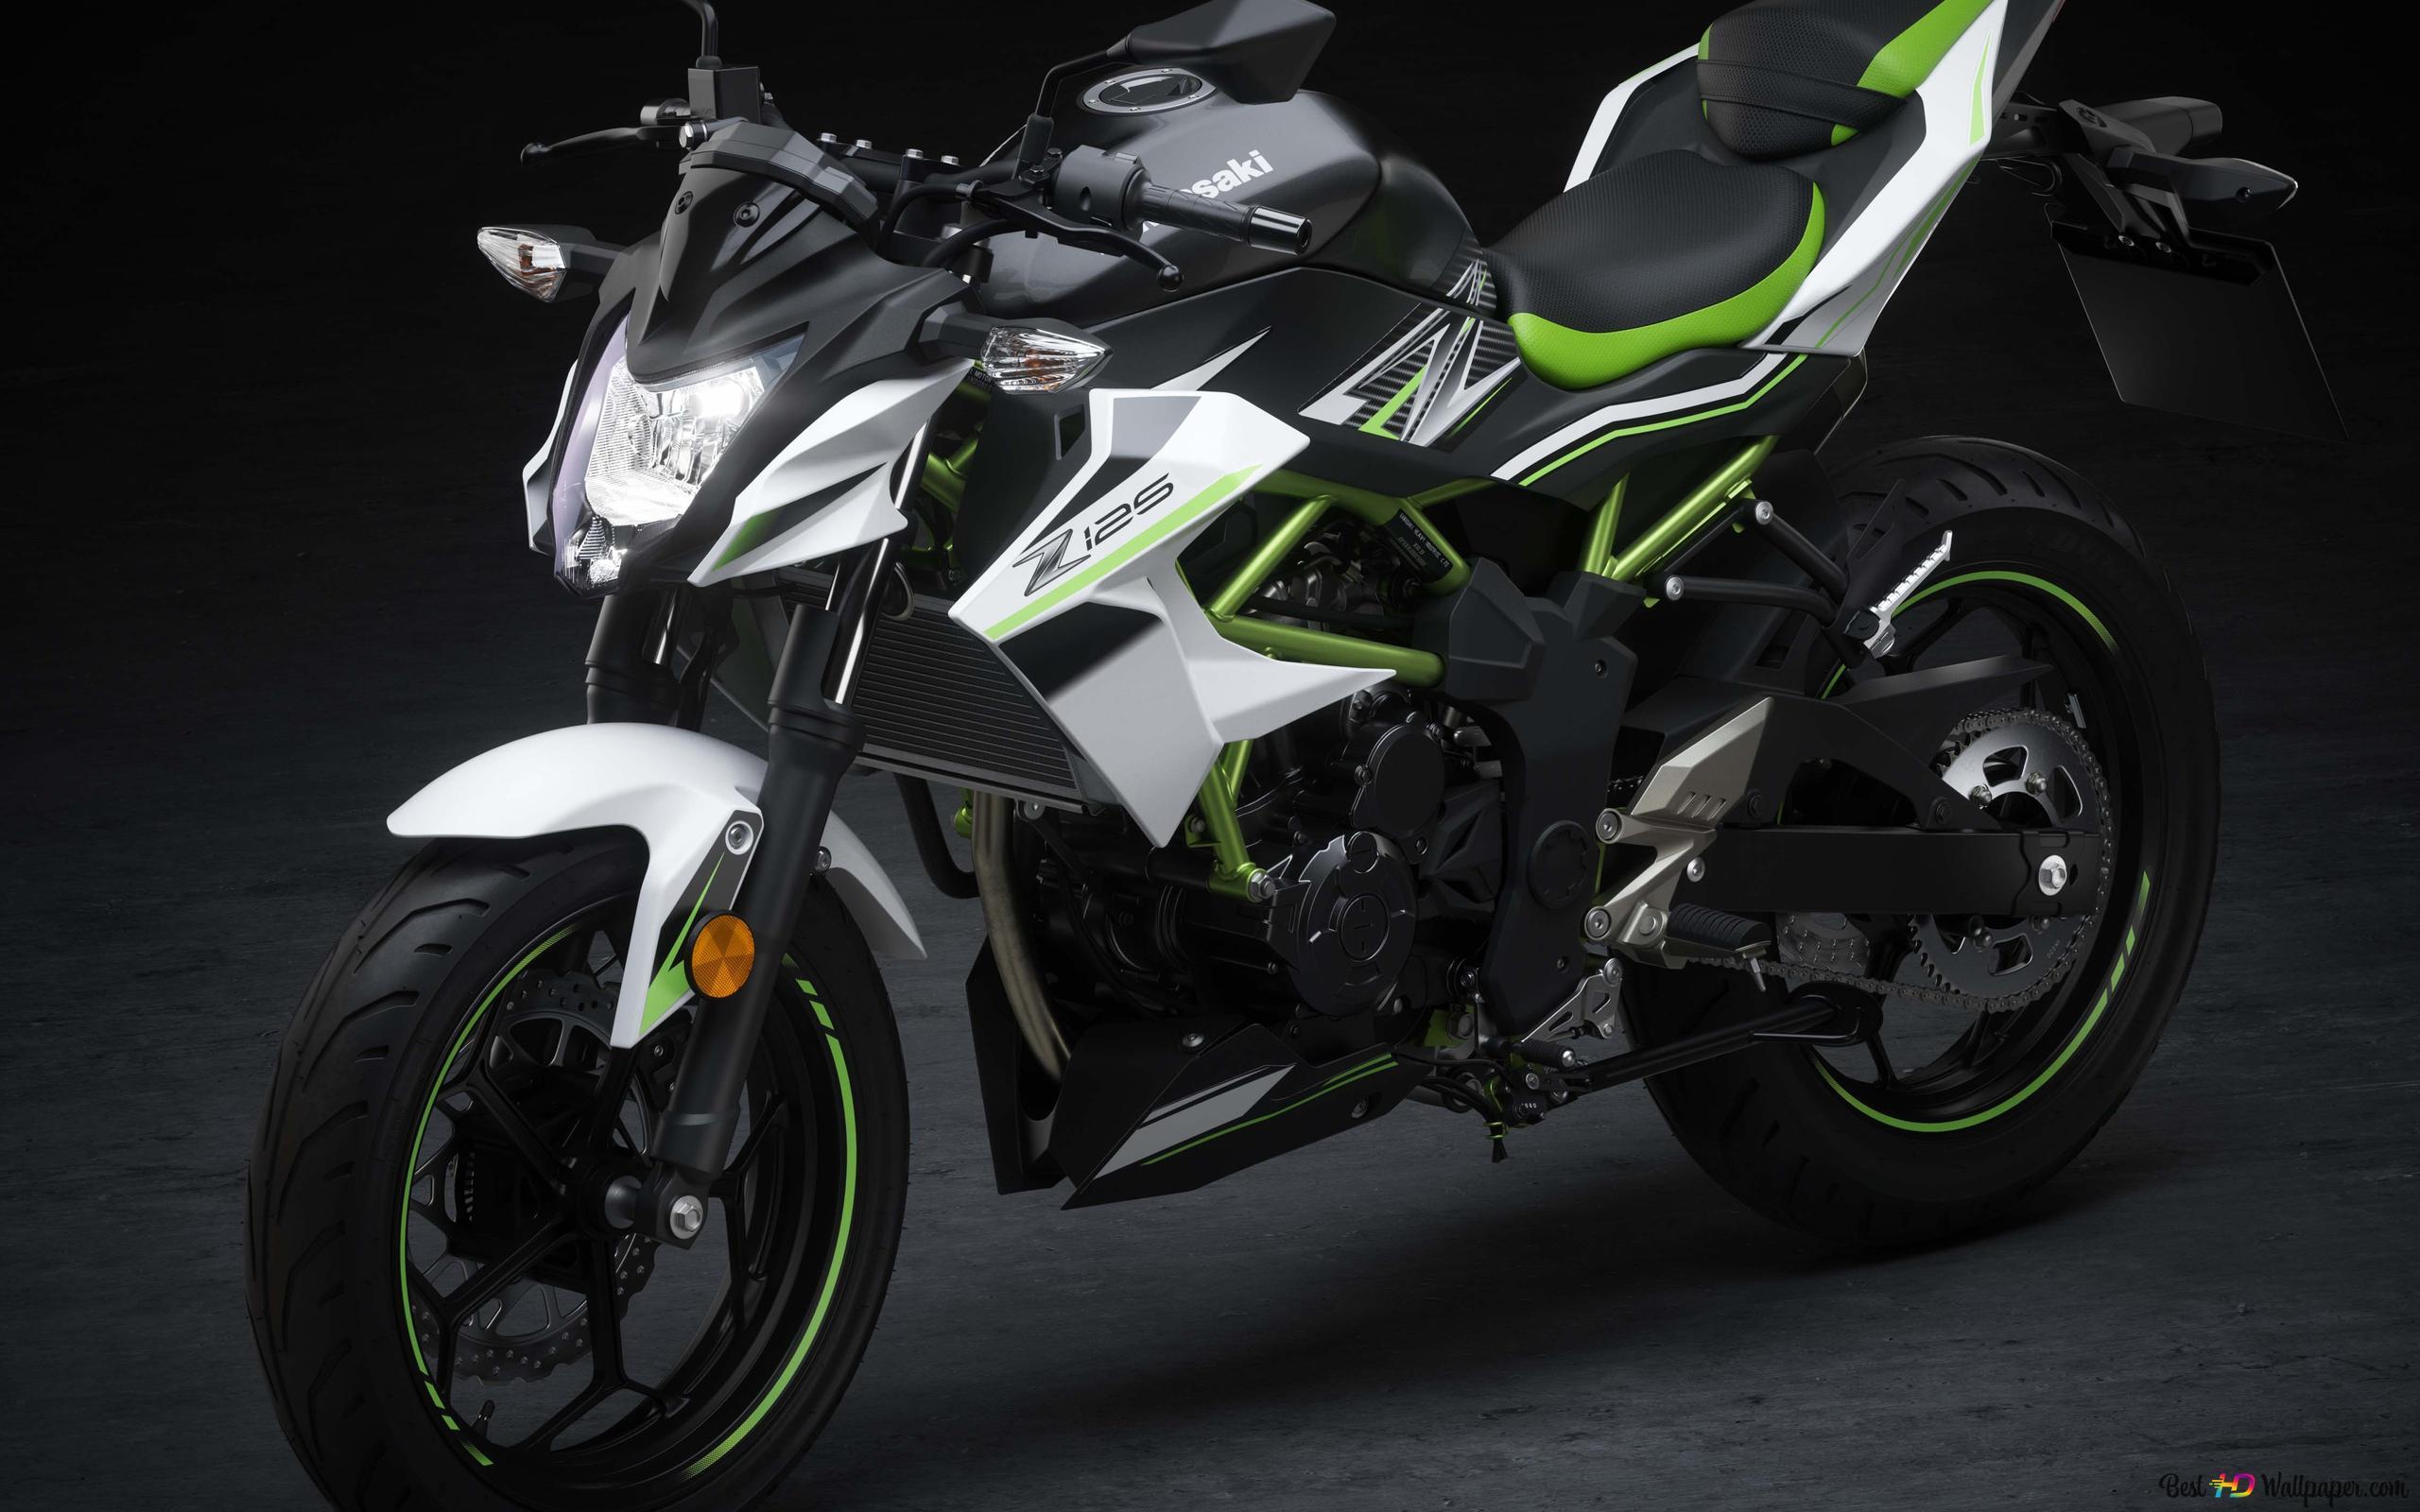 黒 白 緑色川崎バイク Hd壁紙のダウンロード